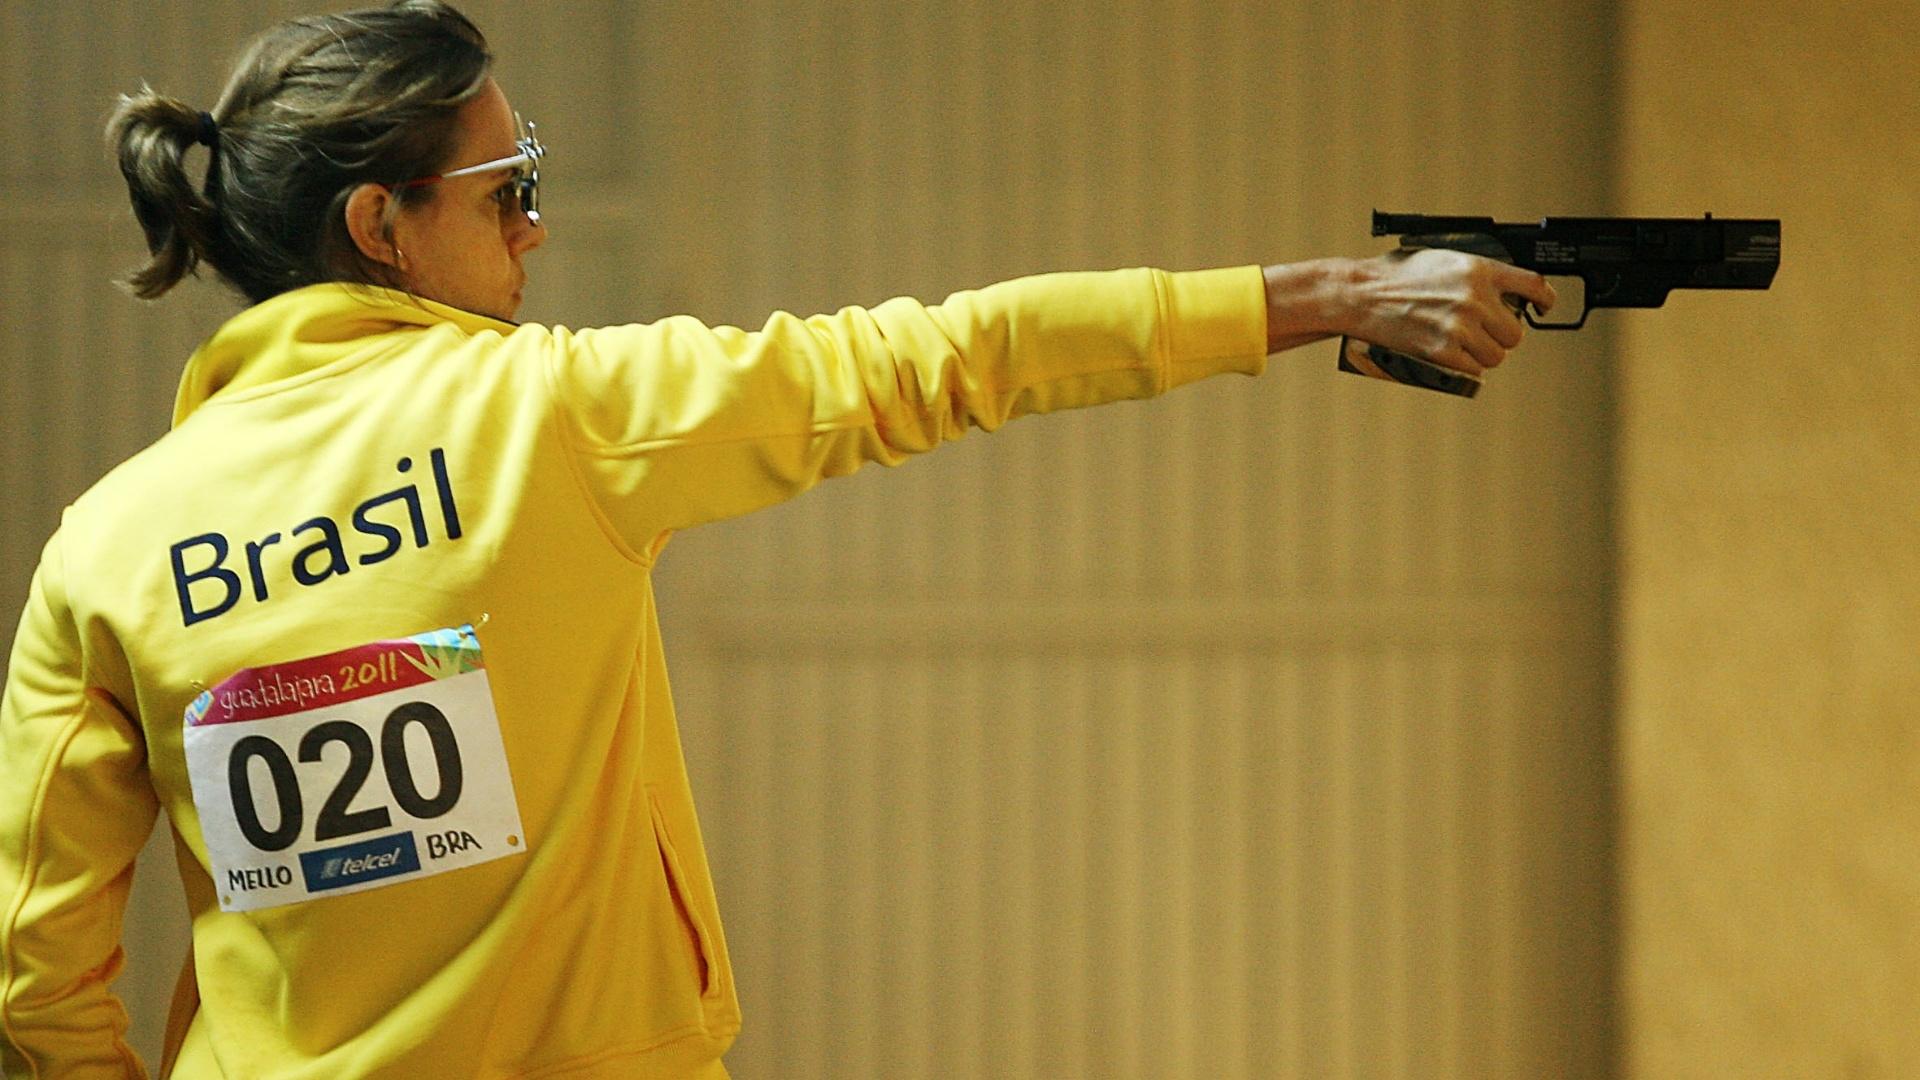 Ana Luiza Ferrão atira para conquistar a medalha de ouro na pistola 25 m pelos Jogos Pan-Americanos de Guadalajara (19/10/2011)